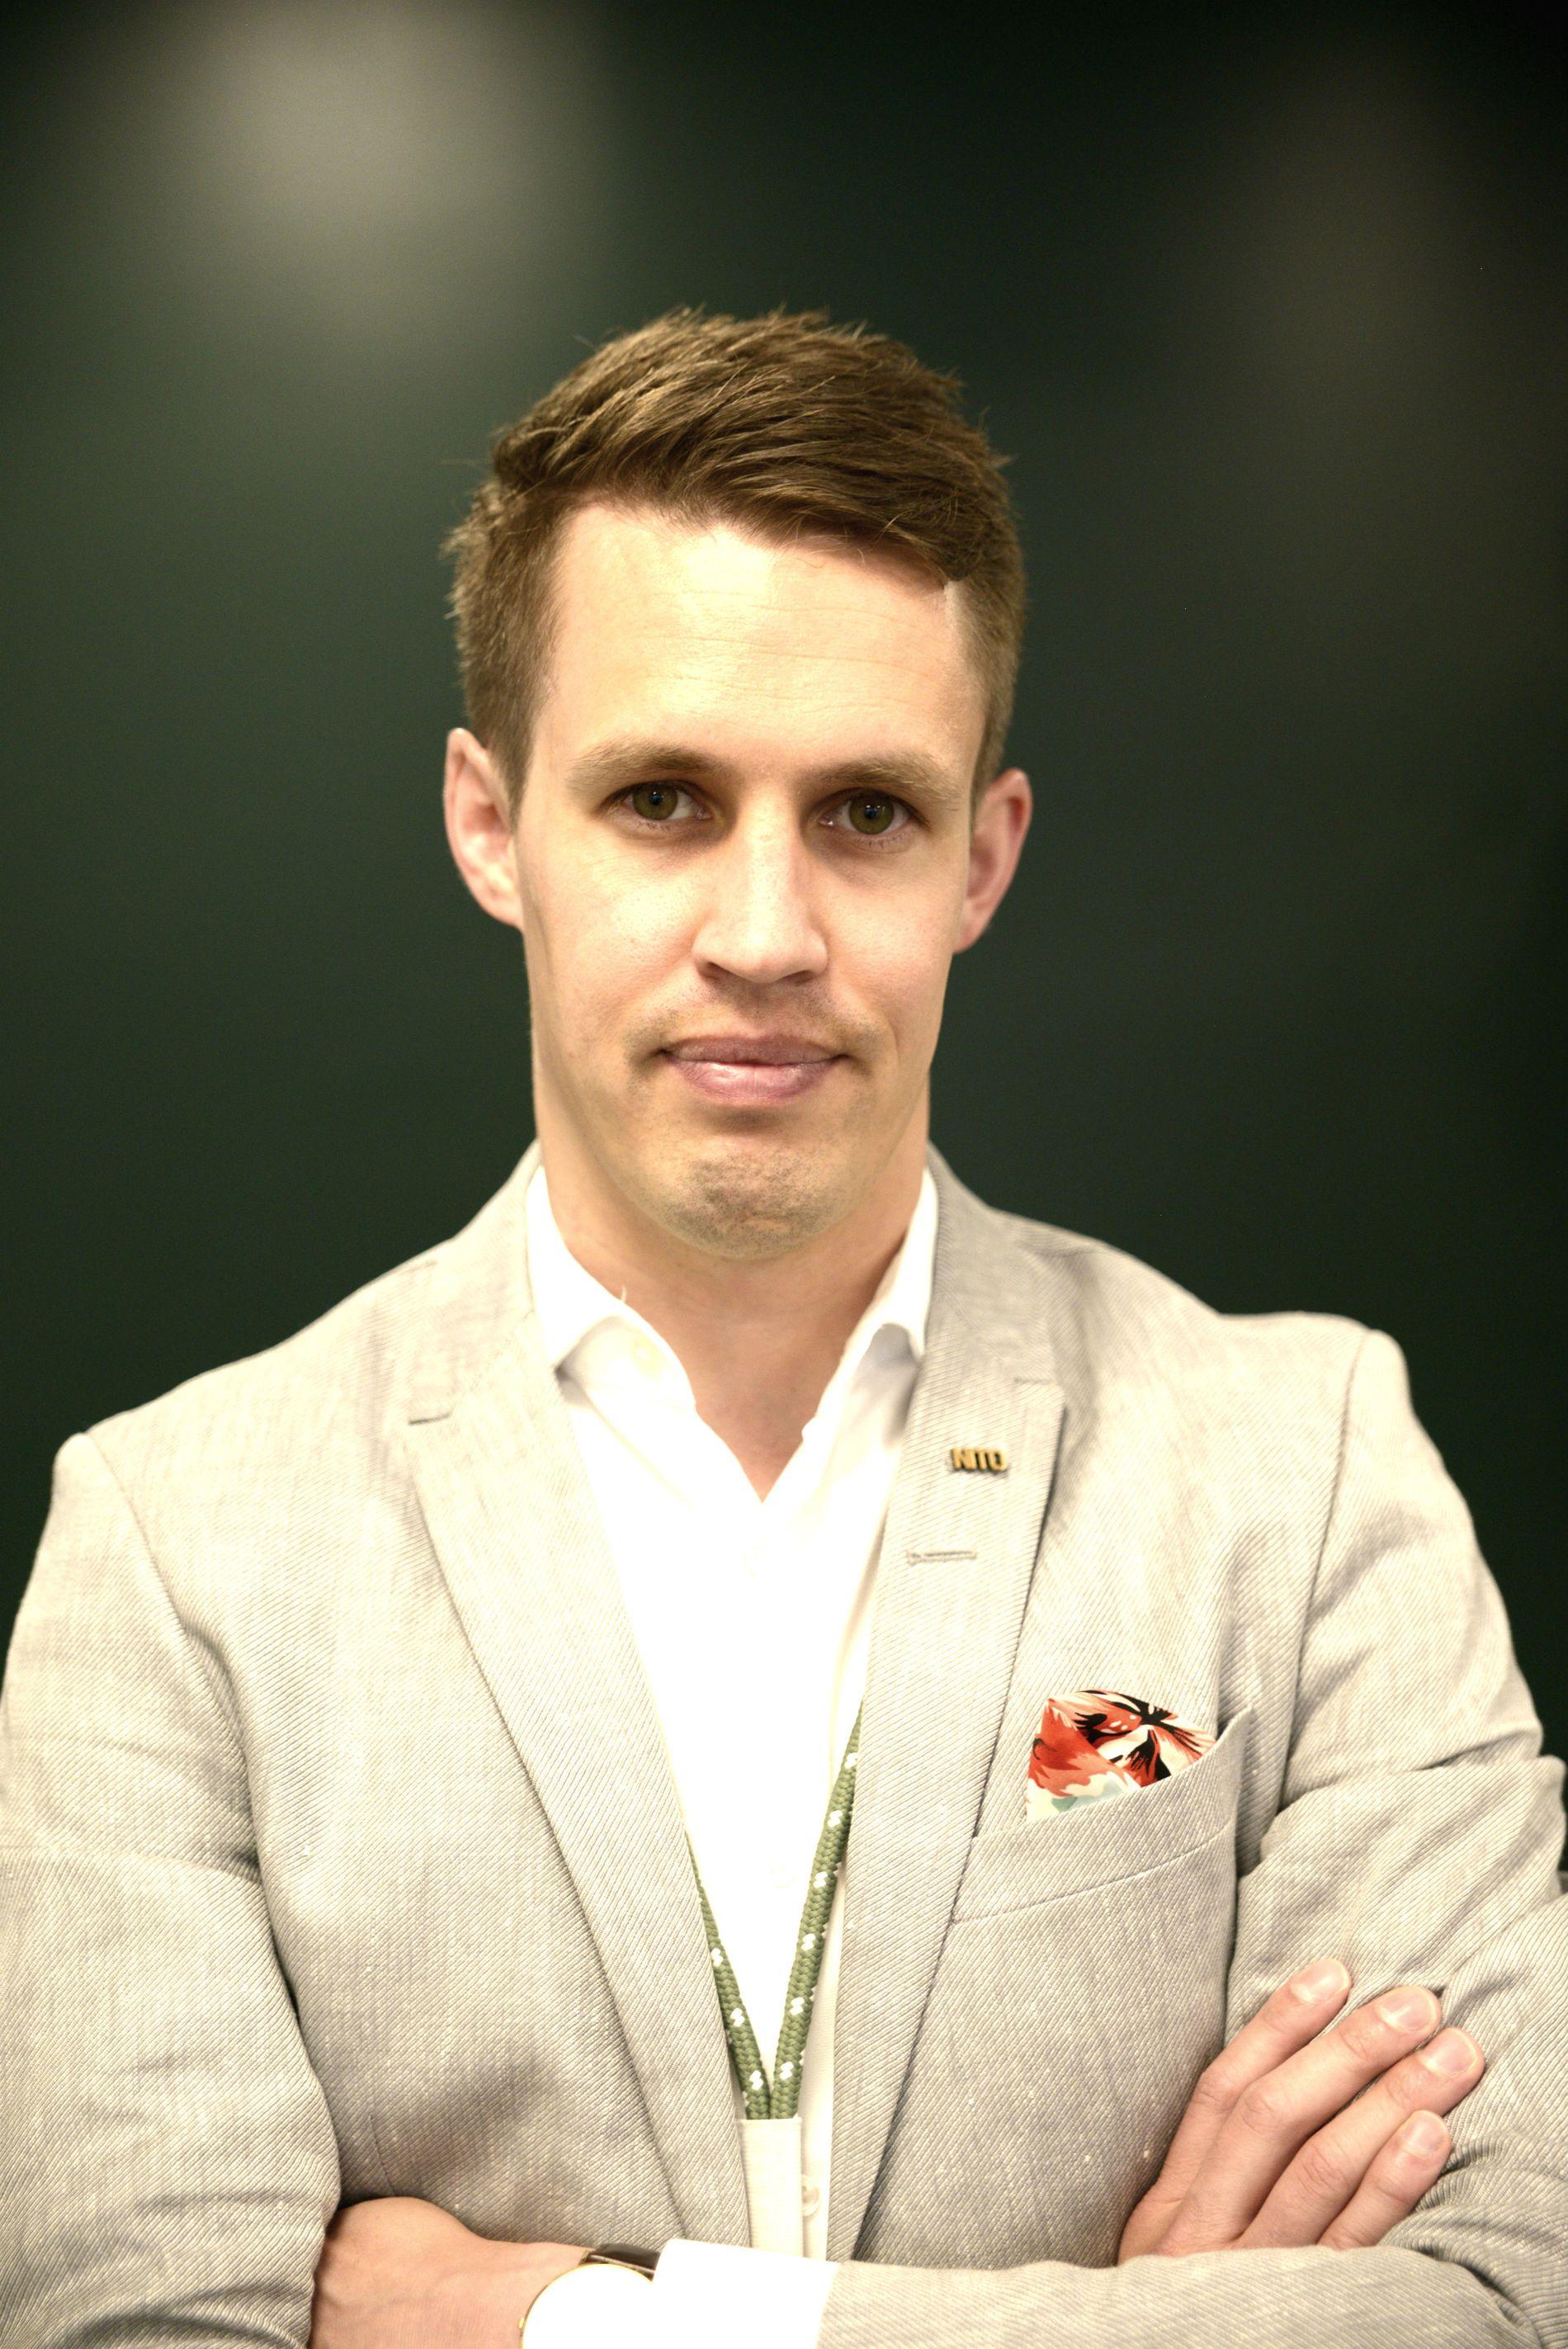 Leder av fagforeningen NITOs studentorganisasjon, Tobias Lynghaug, mener kvalitet bør være hovedfokuset hos universitetene og høyskolene.